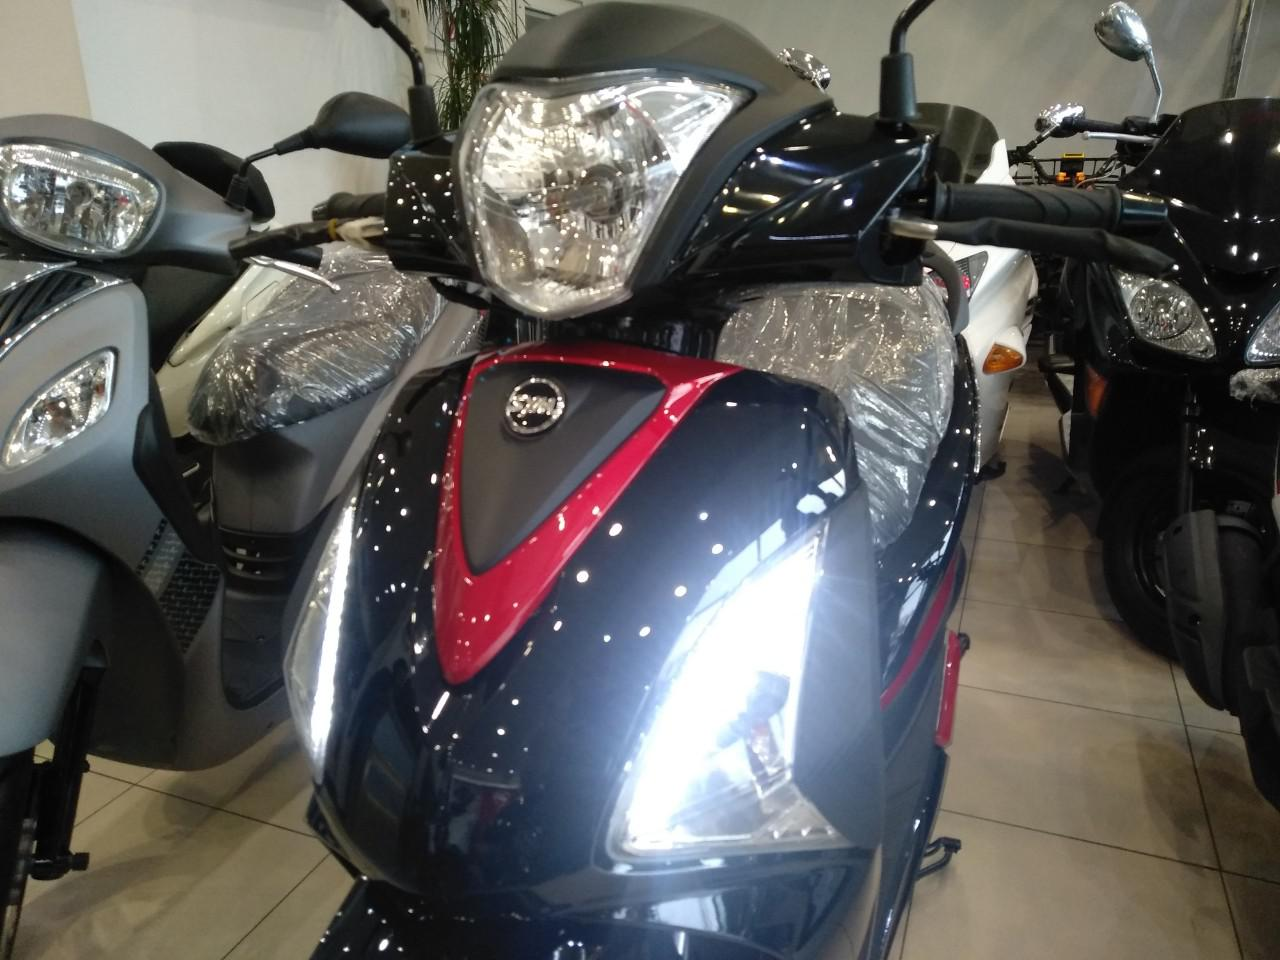 СКУТЕР SYM SYMPHONY ST 200i ИНЖЕКТОР  Артмото - купить квадроцикл в украине и харькове, мотоцикл, снегоход, скутер, мопед, электромобиль